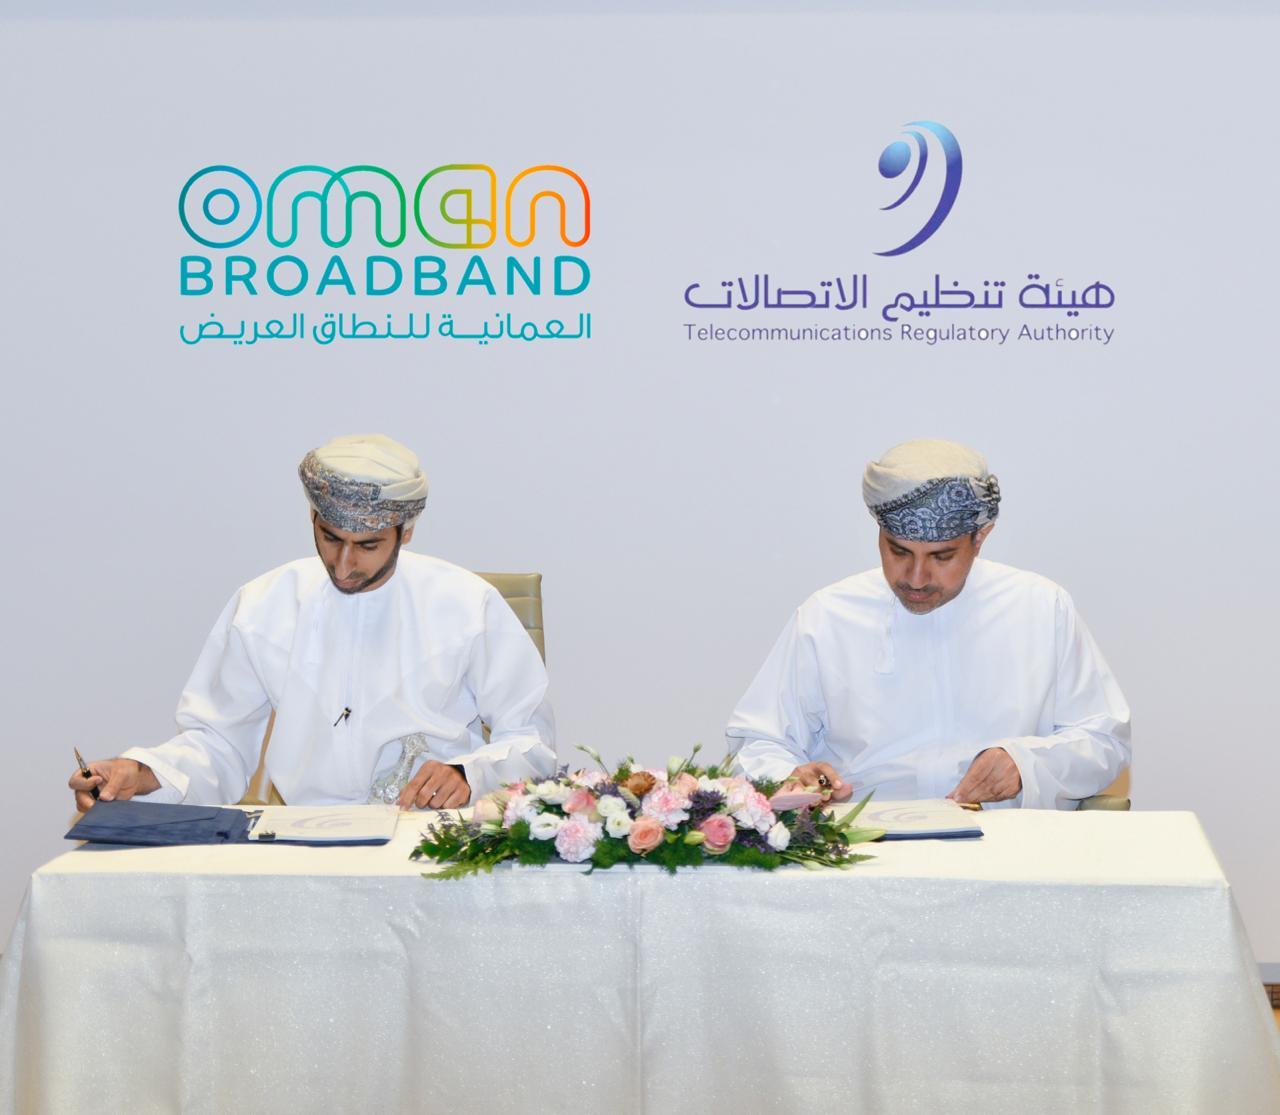 اتفاقية لتنفيذ مبادرة لتغطية القرى والتجمعات السكانية بخدمات الاتصالات والإنترنت